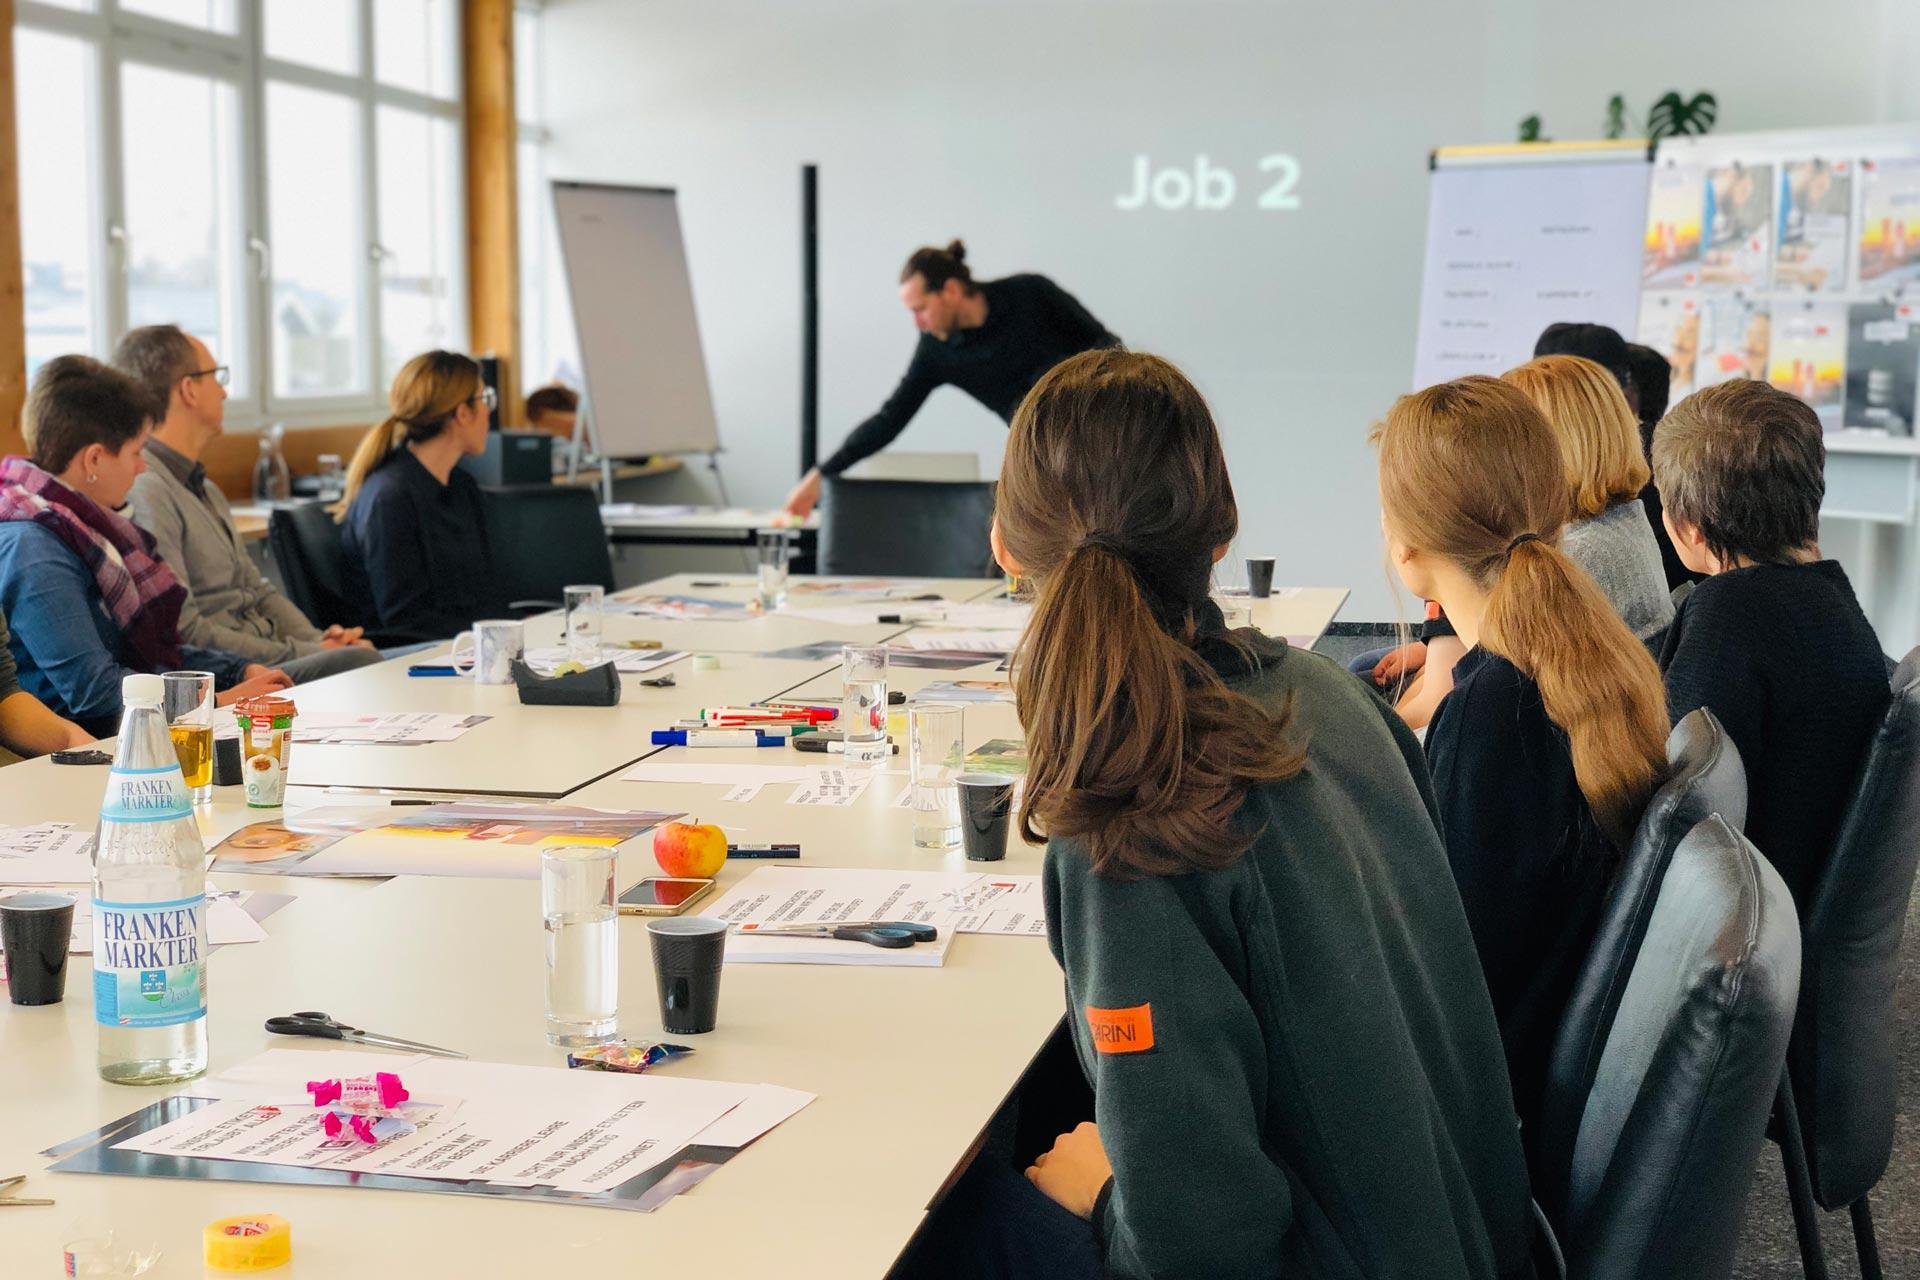 Etiketten CARINI, Workshop, Bernhard Hafele, viergestalten